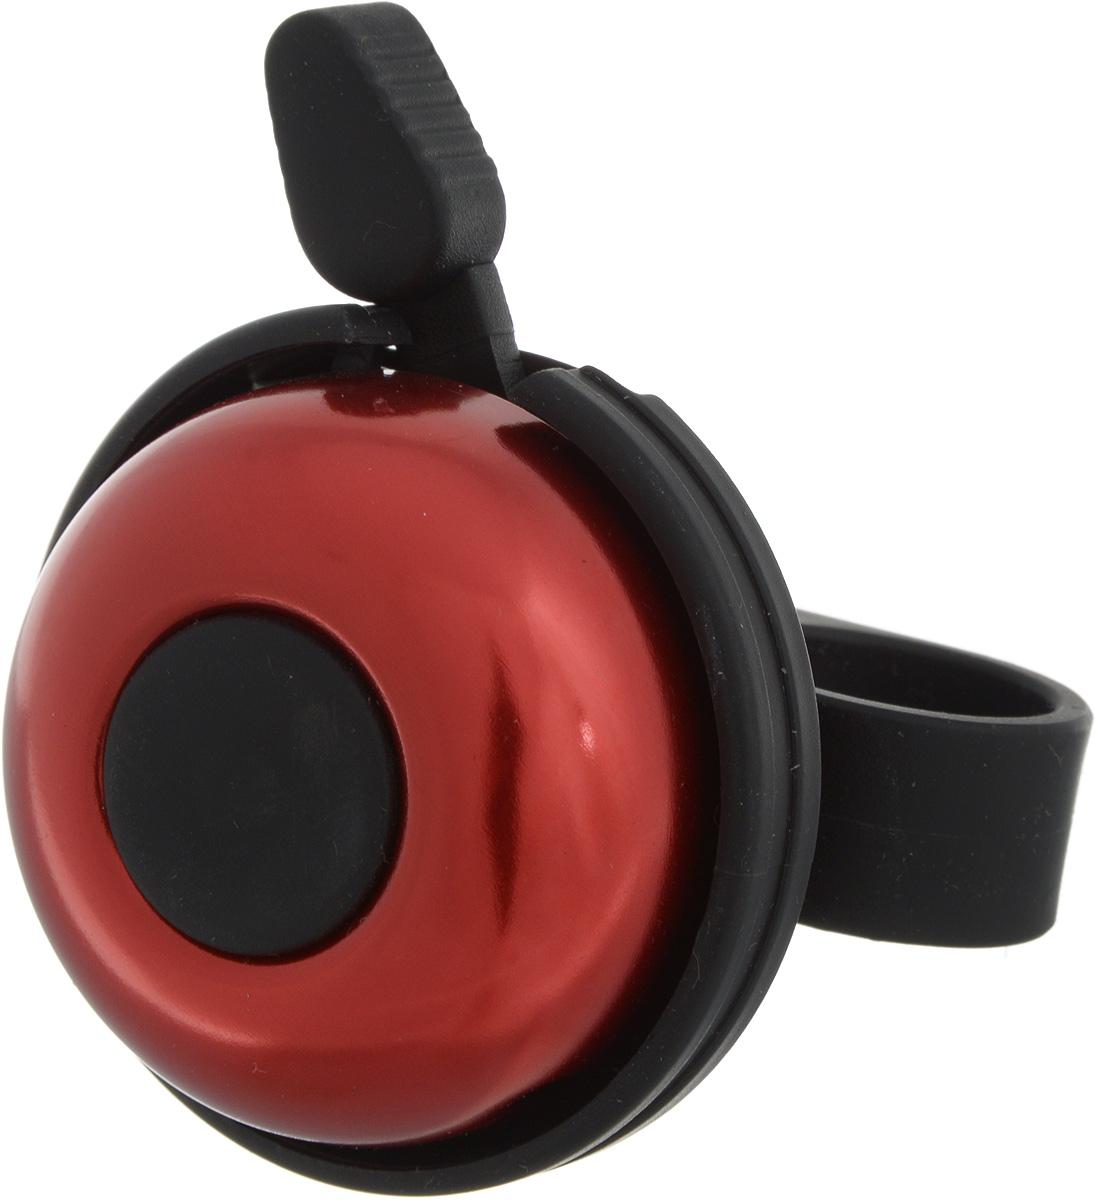 Звонок велосипедный Stern, цвет: красныйCR-1R.Звонок Stern изготовлен из металла и пластика. Изделие крепится на руль велосипеда и позволяет привлечь внимание в опасных ситуациях. Оригинальный звонок сделает вашу езду безопасной. Диаметр звонка: 5 см.